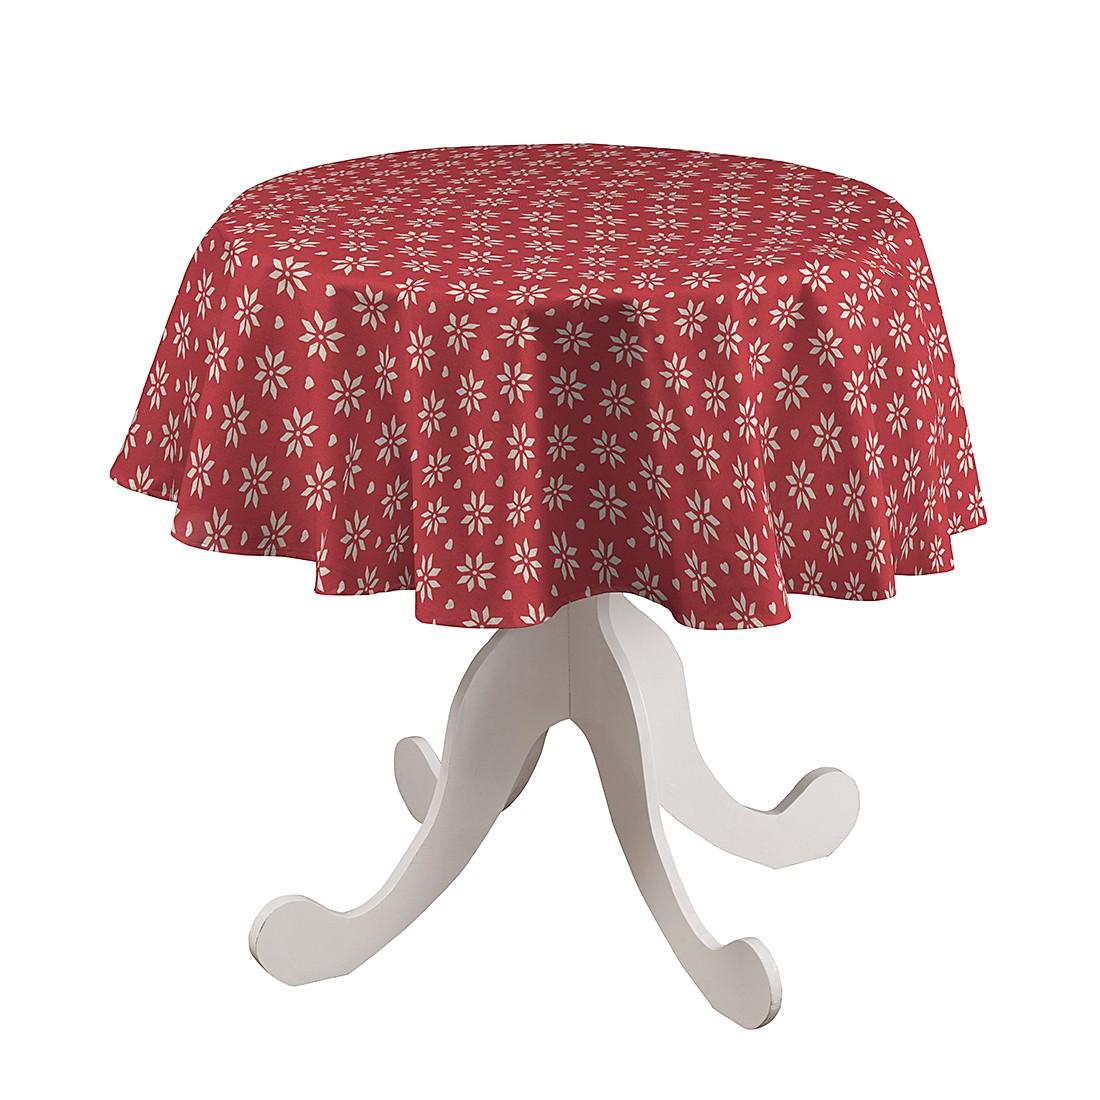 Tischdecke Stern Rund – Rot – Ø 135 cm, Dekoria jetzt bestellen